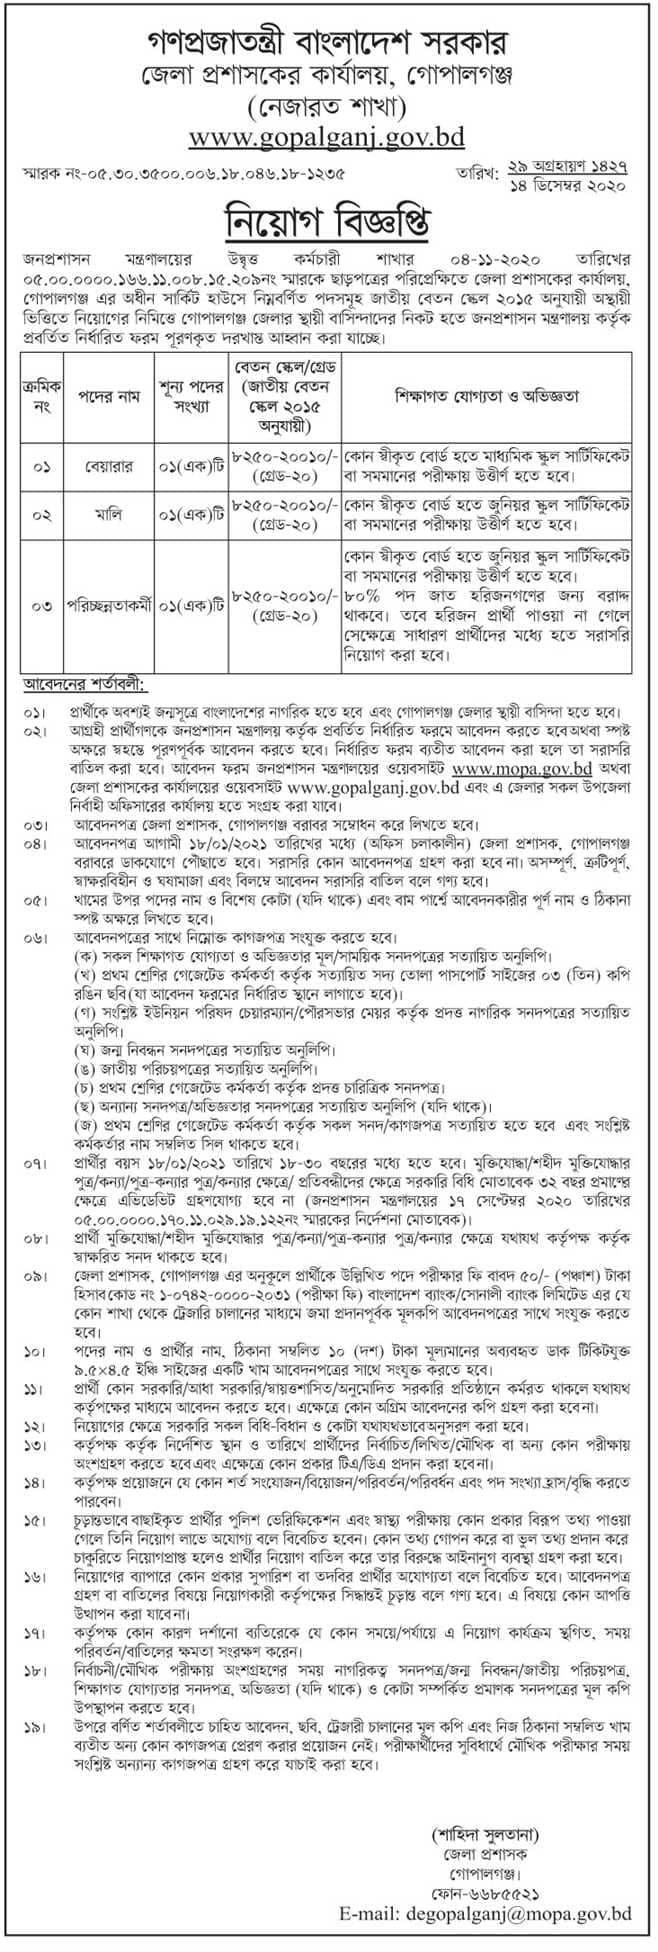 Gopalganj DC Office job Circular 2021